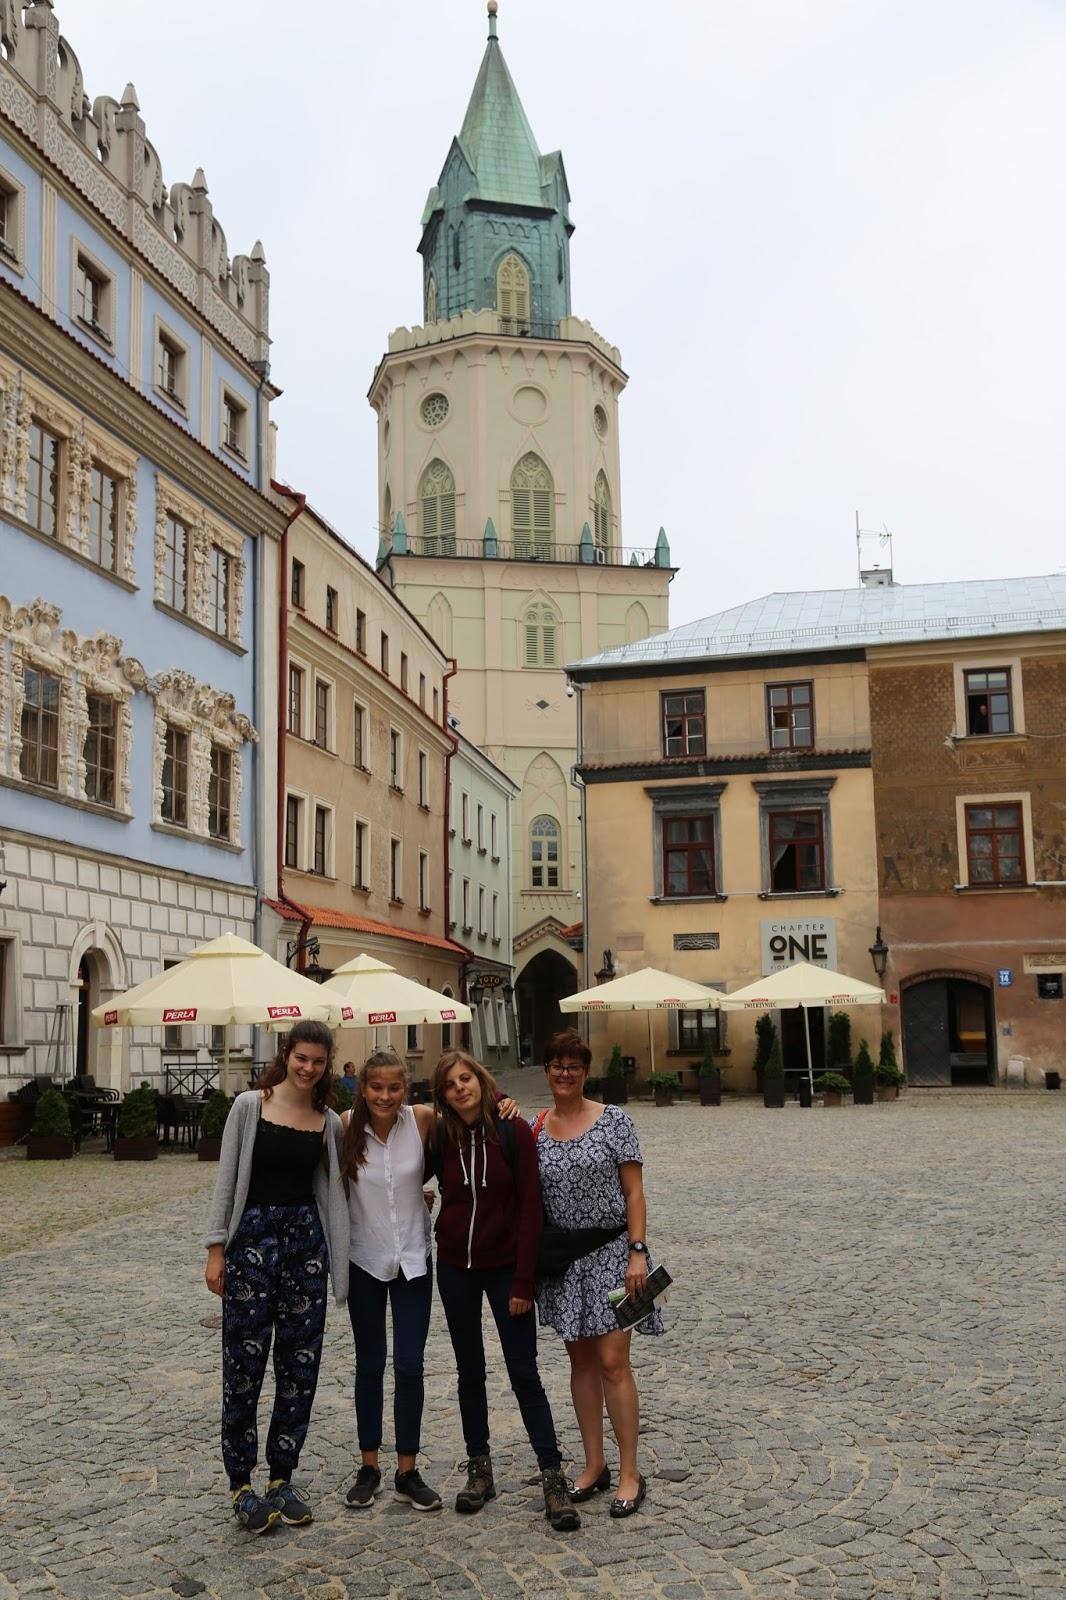 Vitesse datant Lublin 2015